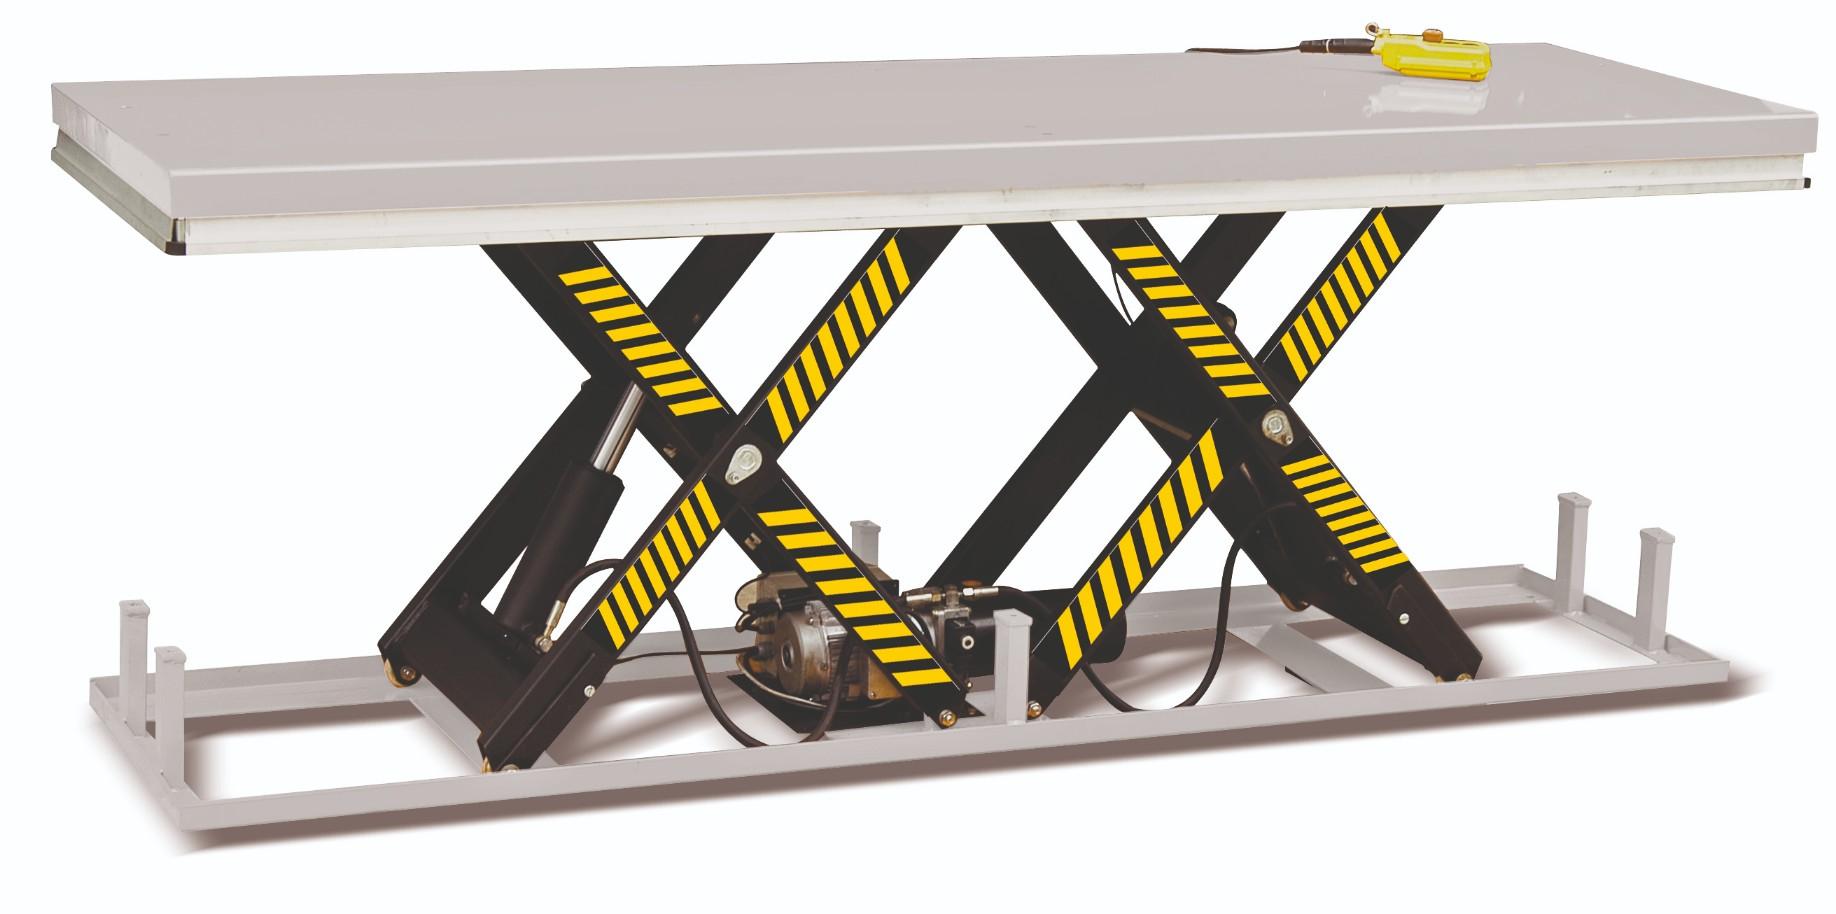 Silverstone stationärer Hubtisch mit Tandem-Schere im companyshop24